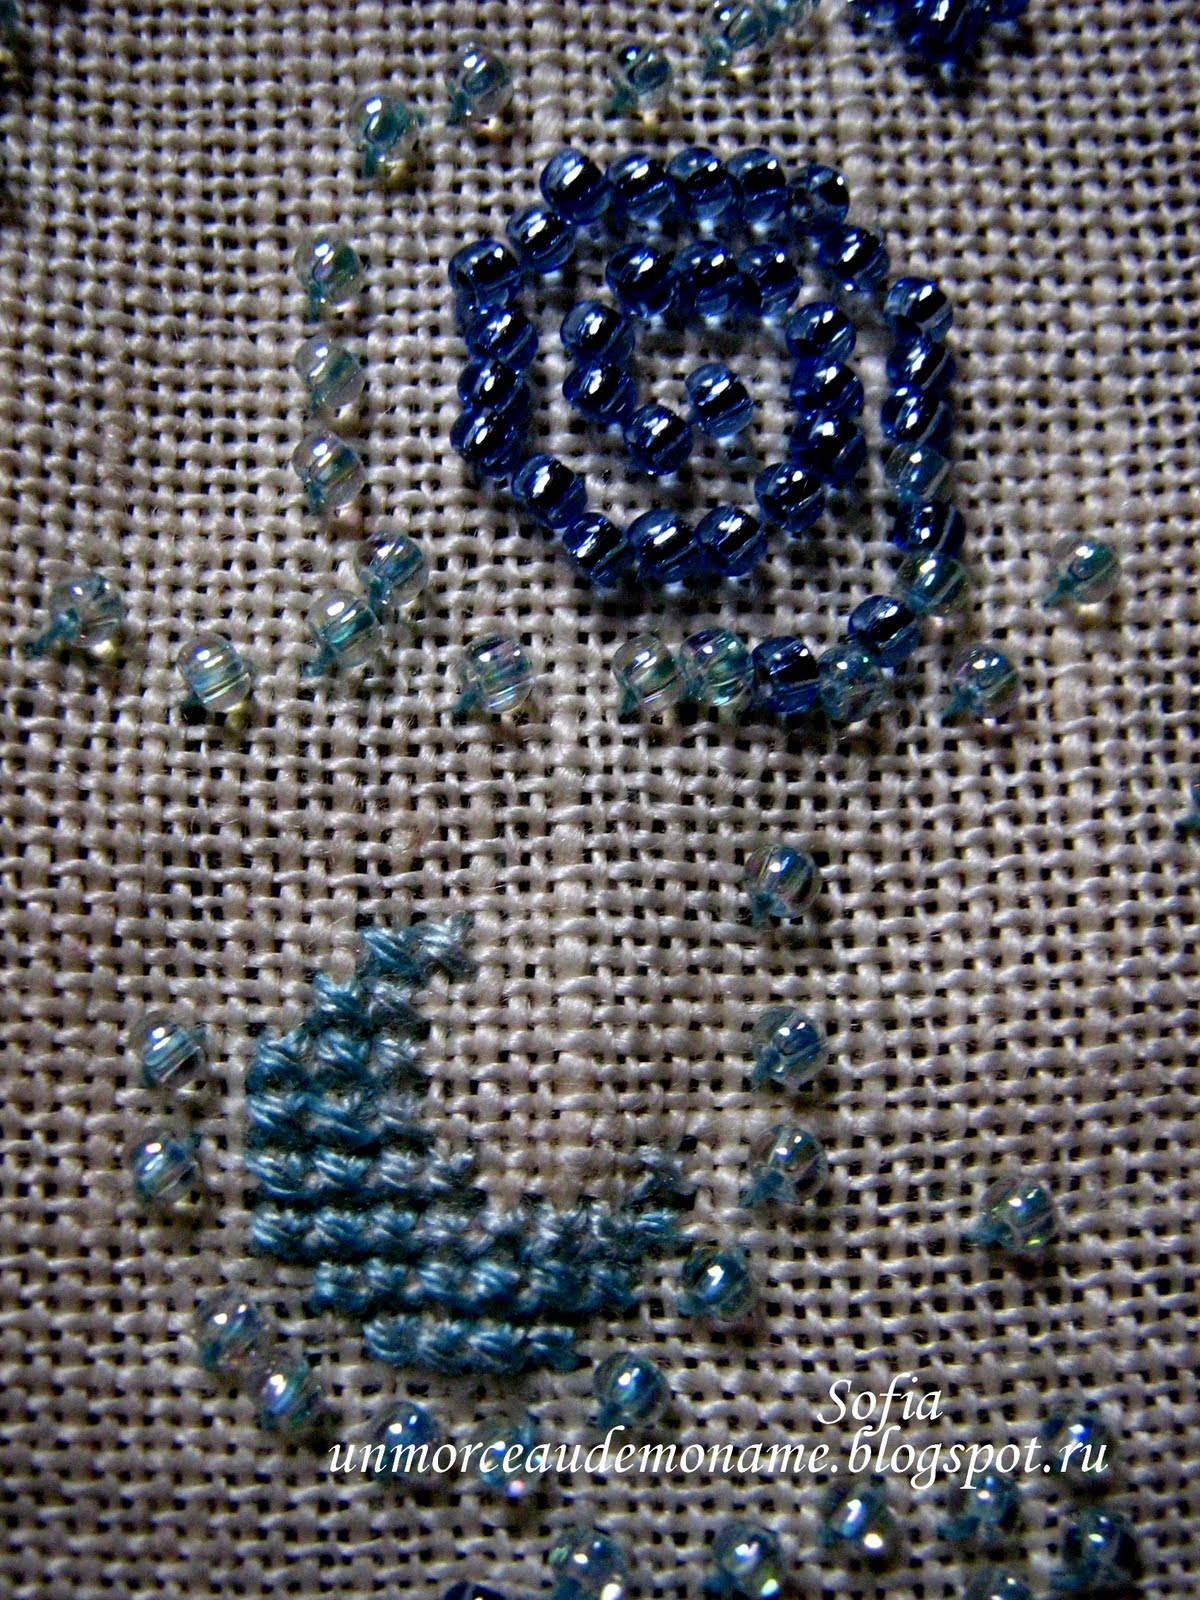 Вышивка бисером на вязаных изделиях